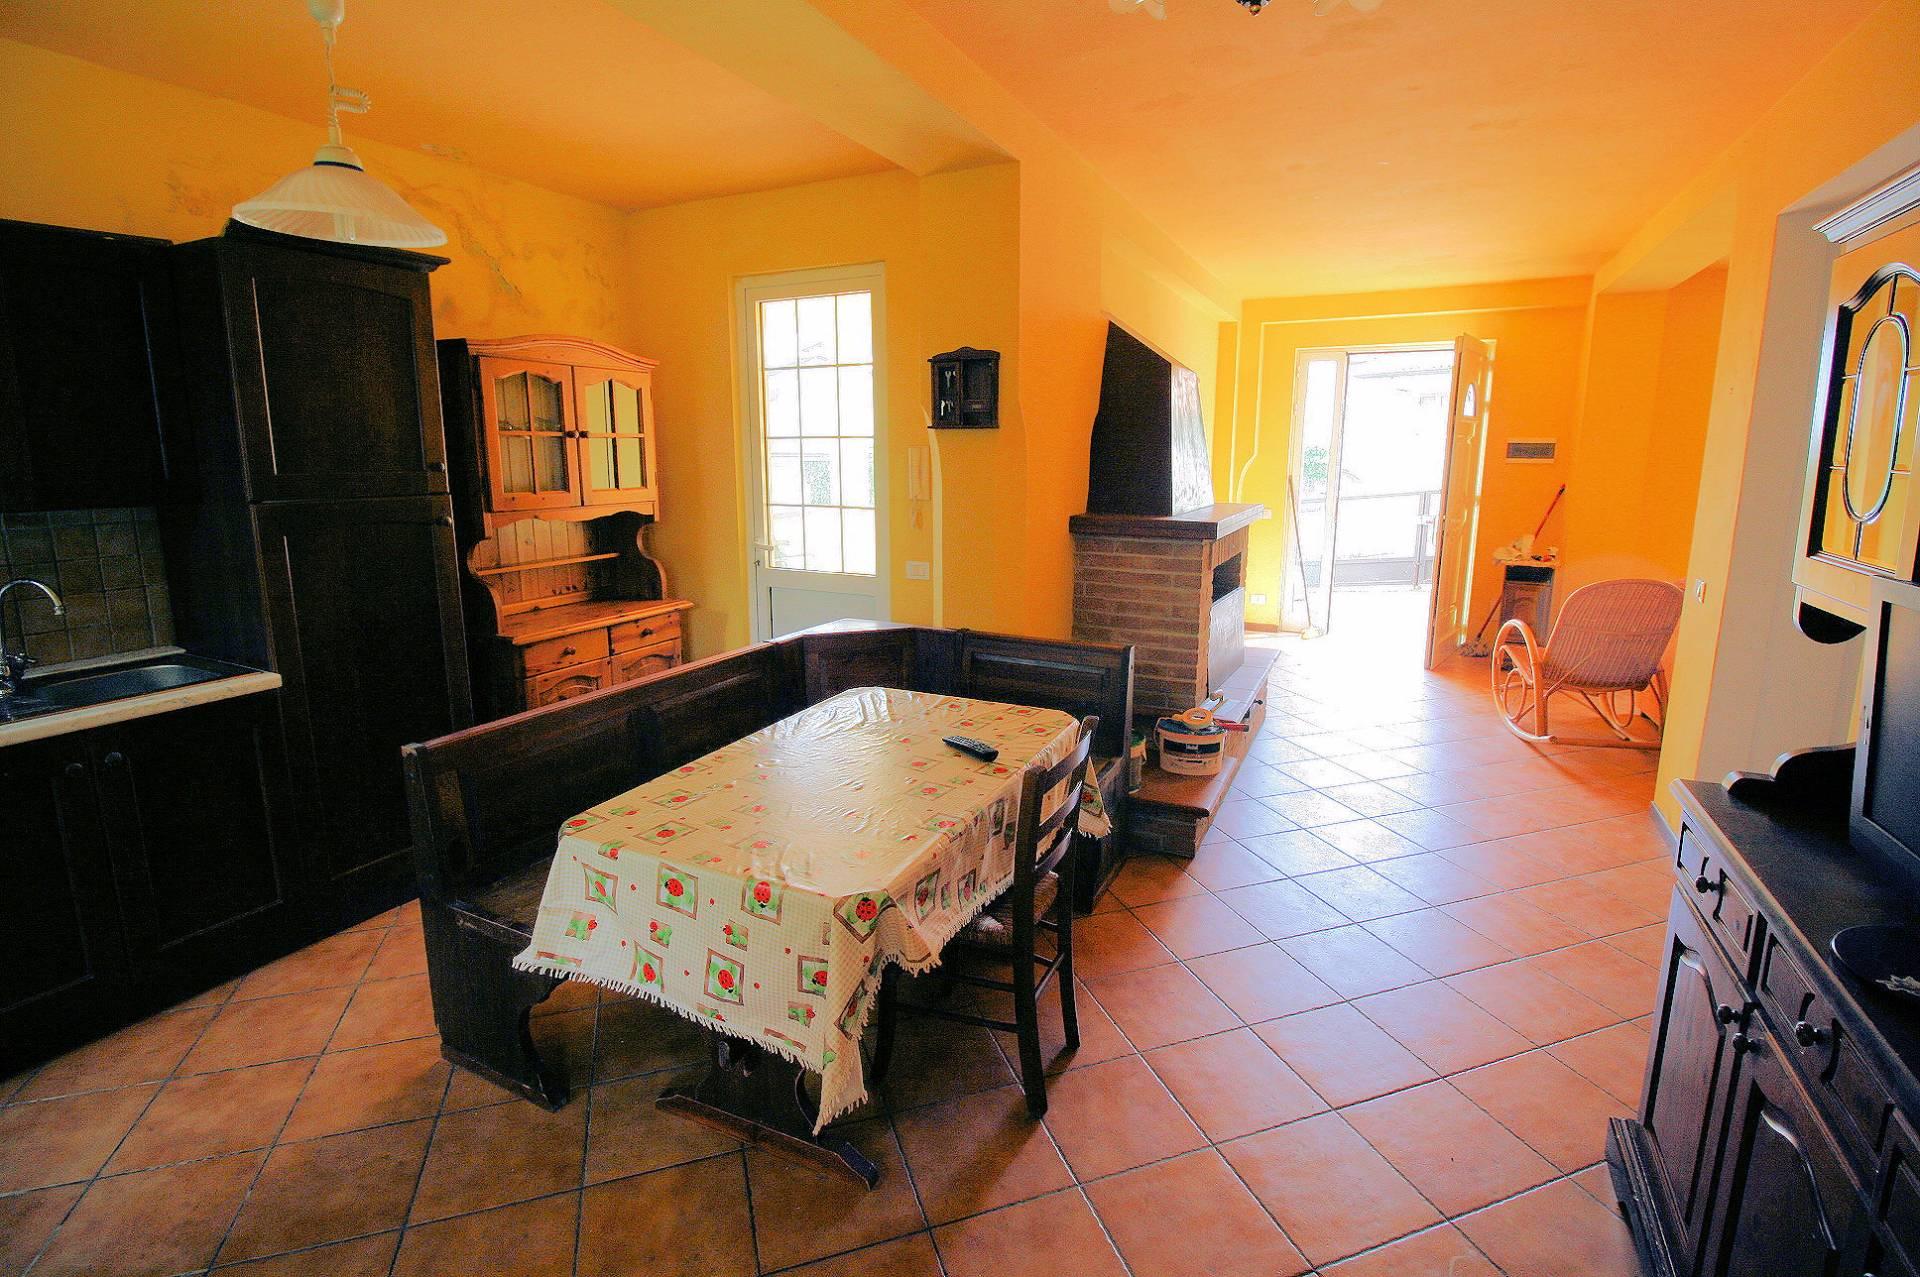 Appartamento in vendita a Massarosa, 5 locali, zona Zona: Massarosa, prezzo € 189.000 | Cambio Casa.it